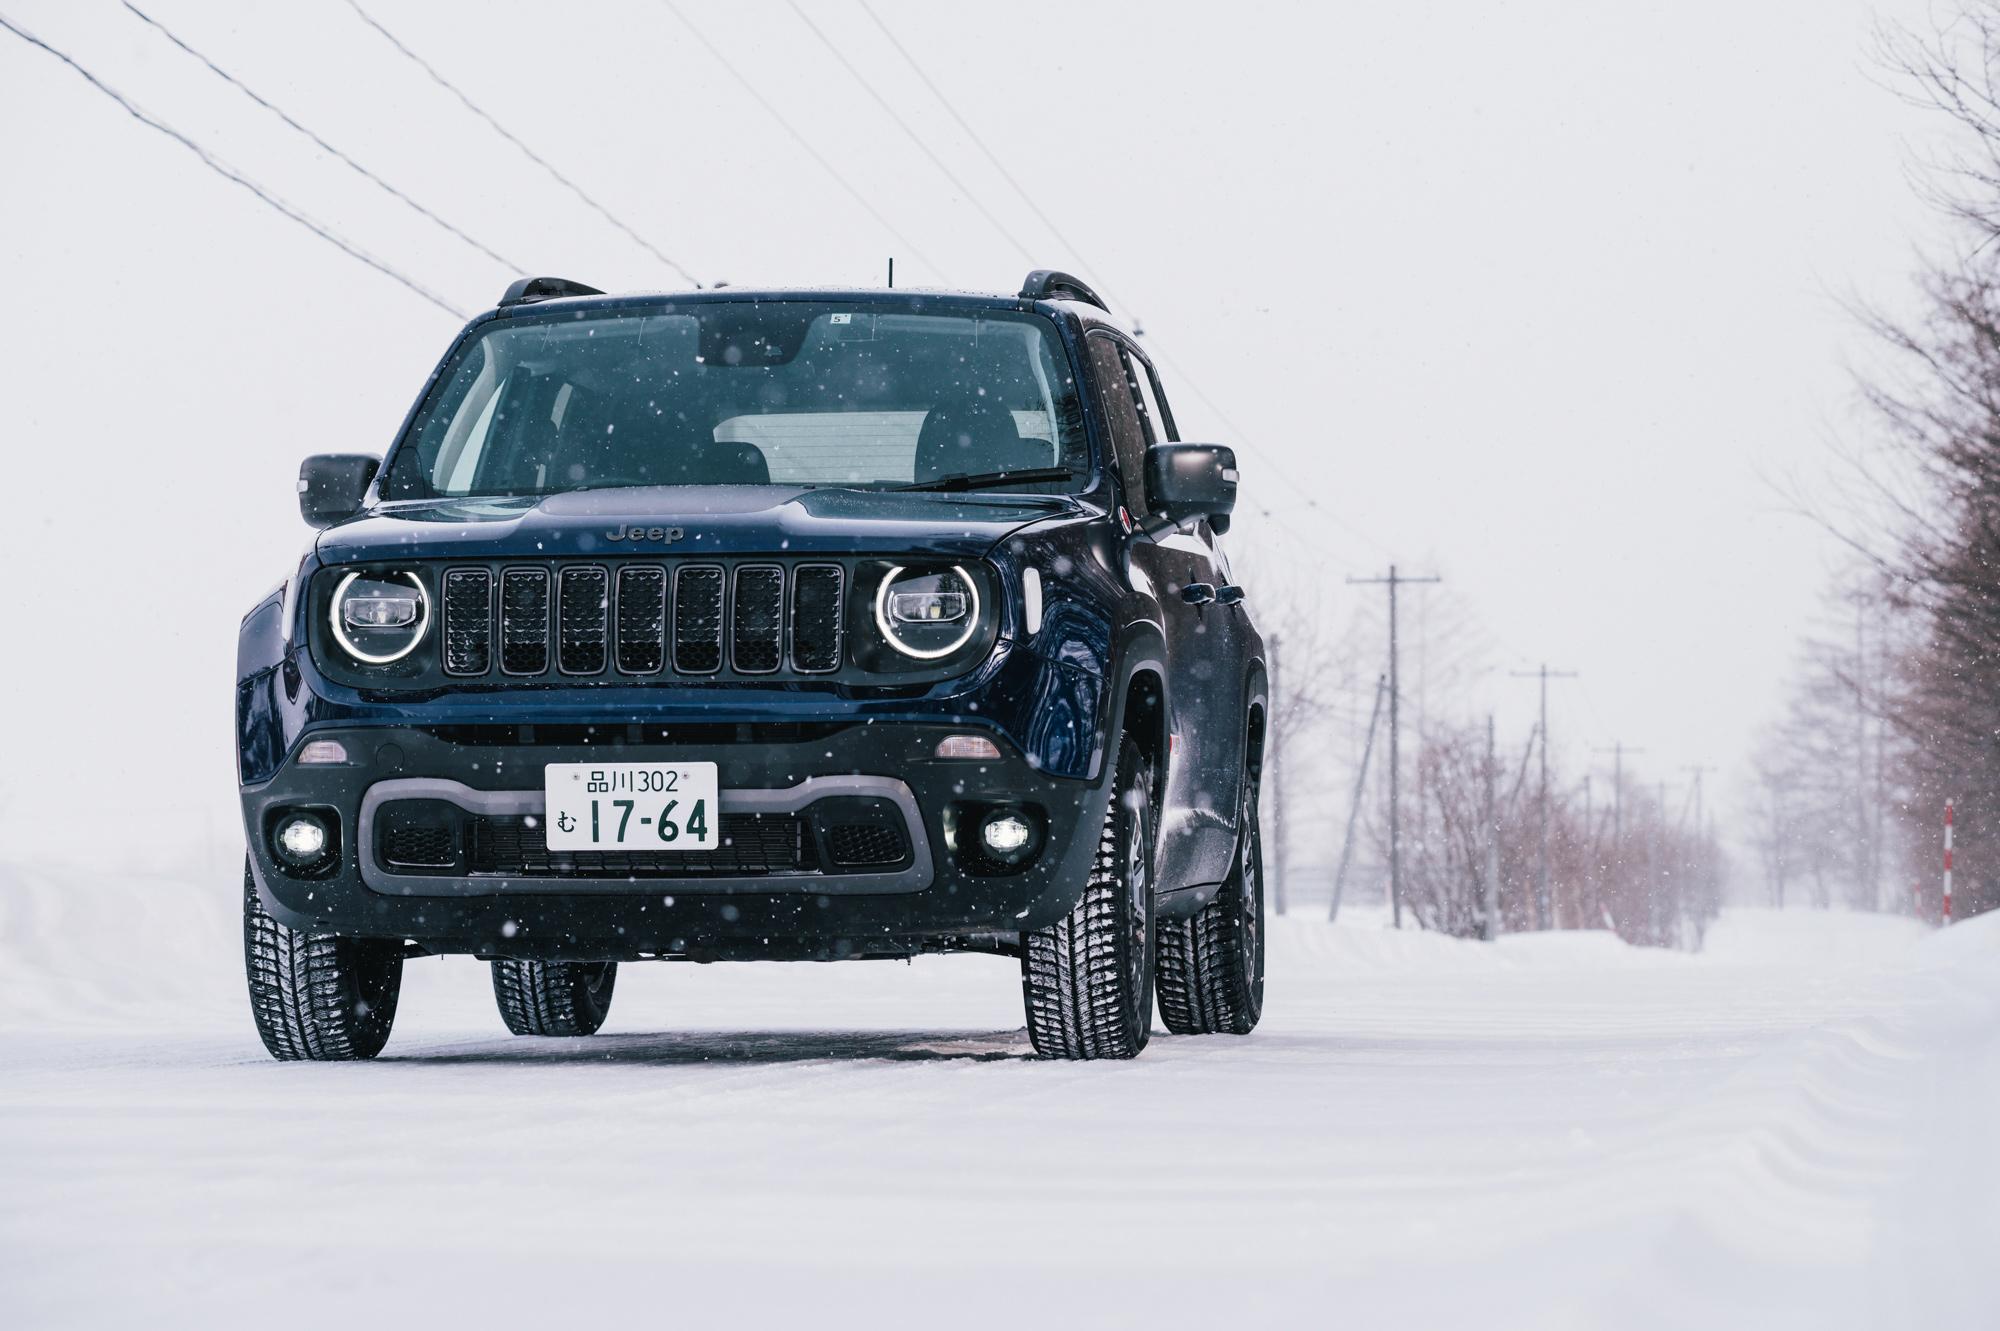 20200117_qetic-jeep-2147 【Jeep×星野リゾート・前編】Jeepフルラインナップとリゾナーレトマムのコラボで展開する、スノードライブ・エクスペリエンス